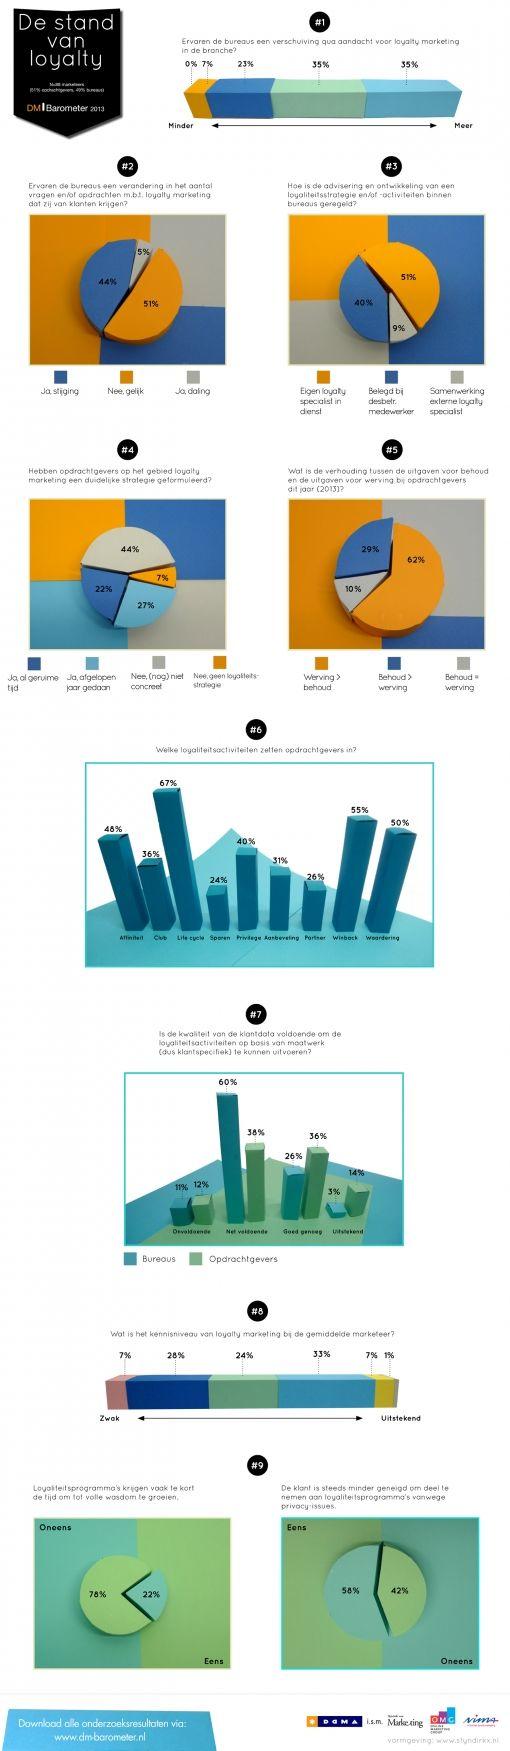 Infographic-DM-Barometer-Special-De-stand-van-loyalty